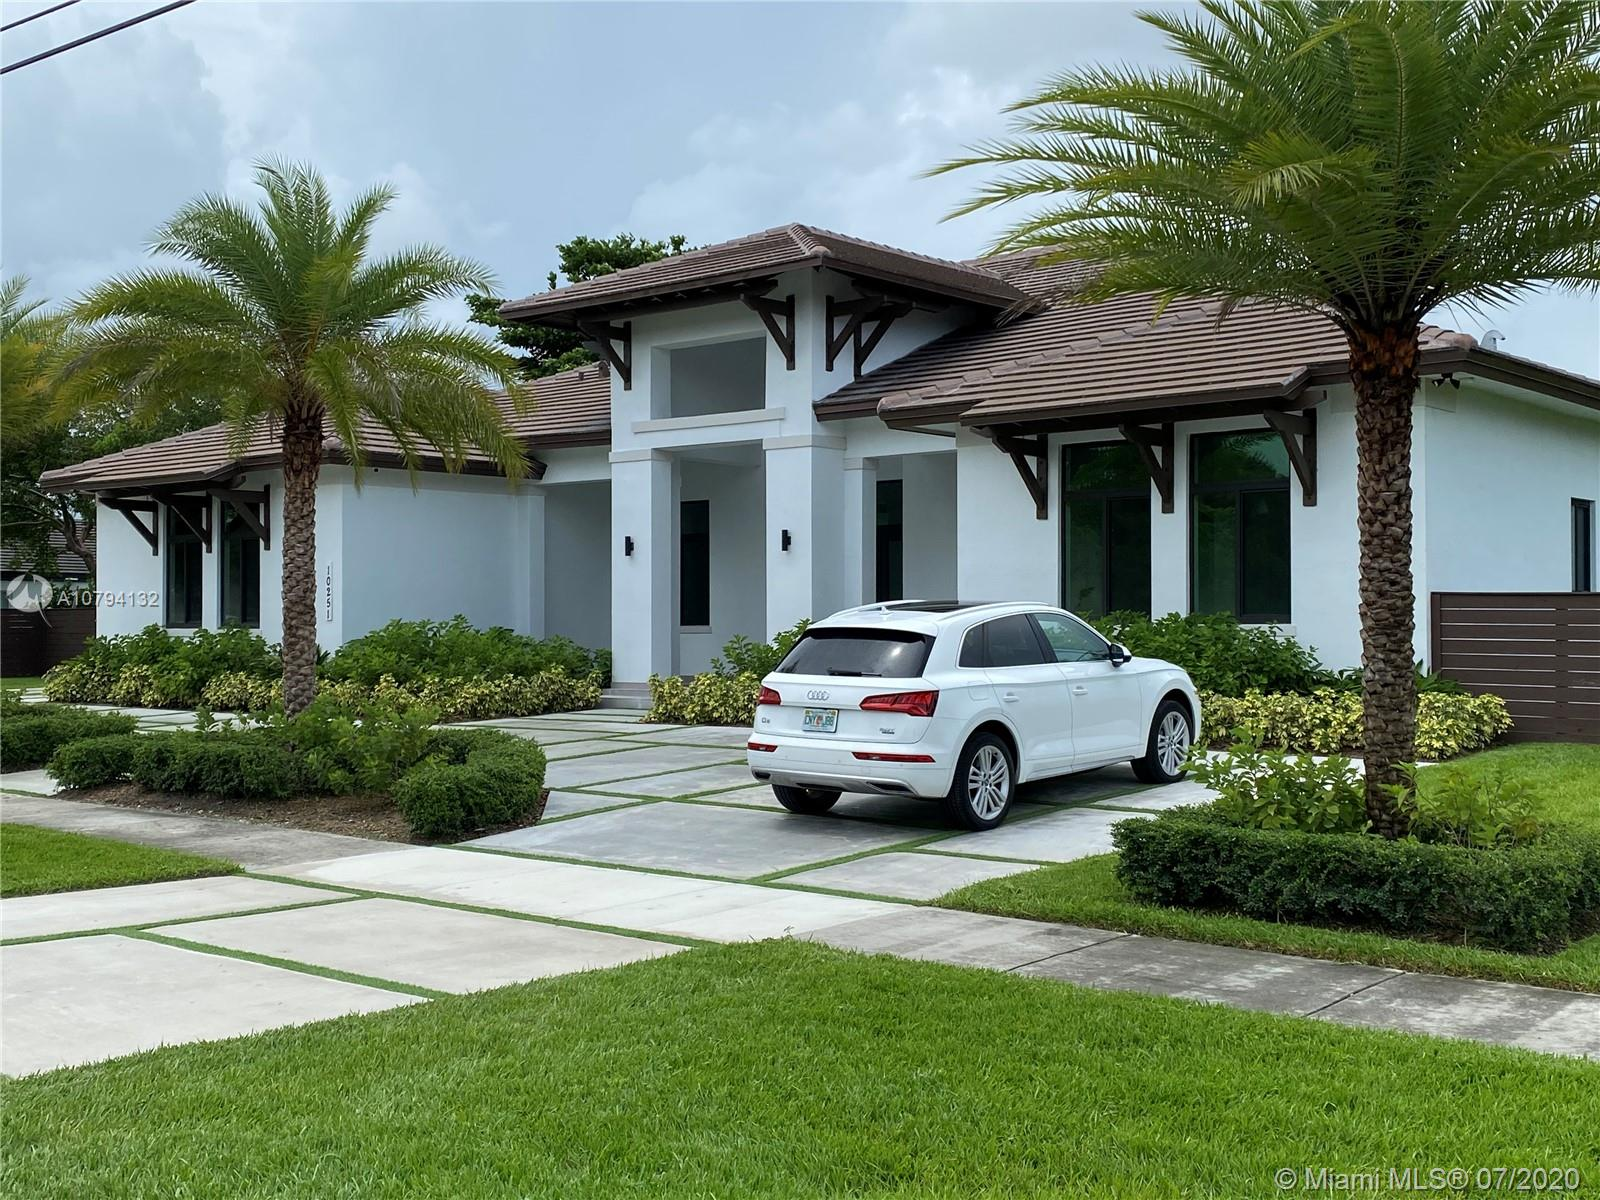 10251 SW 136th St, Miami, FL 33176